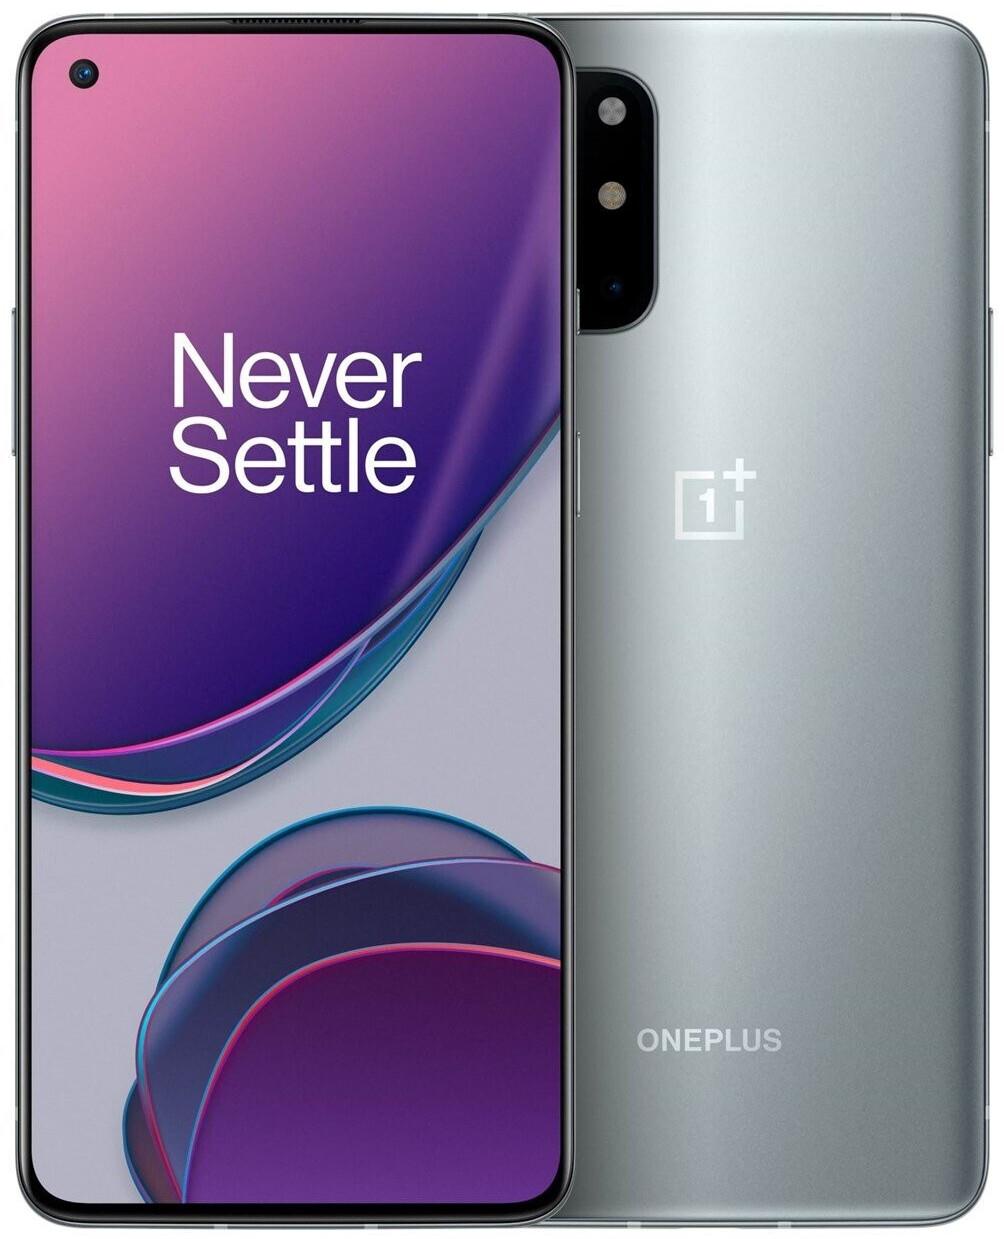 """Smartphone 6.55"""" OnePlus 8T 5G - full HD+ 120 Hz, SnapDragon 865, 8 Go de RAM, 128 Go, argent (Frais d'import inclus)"""